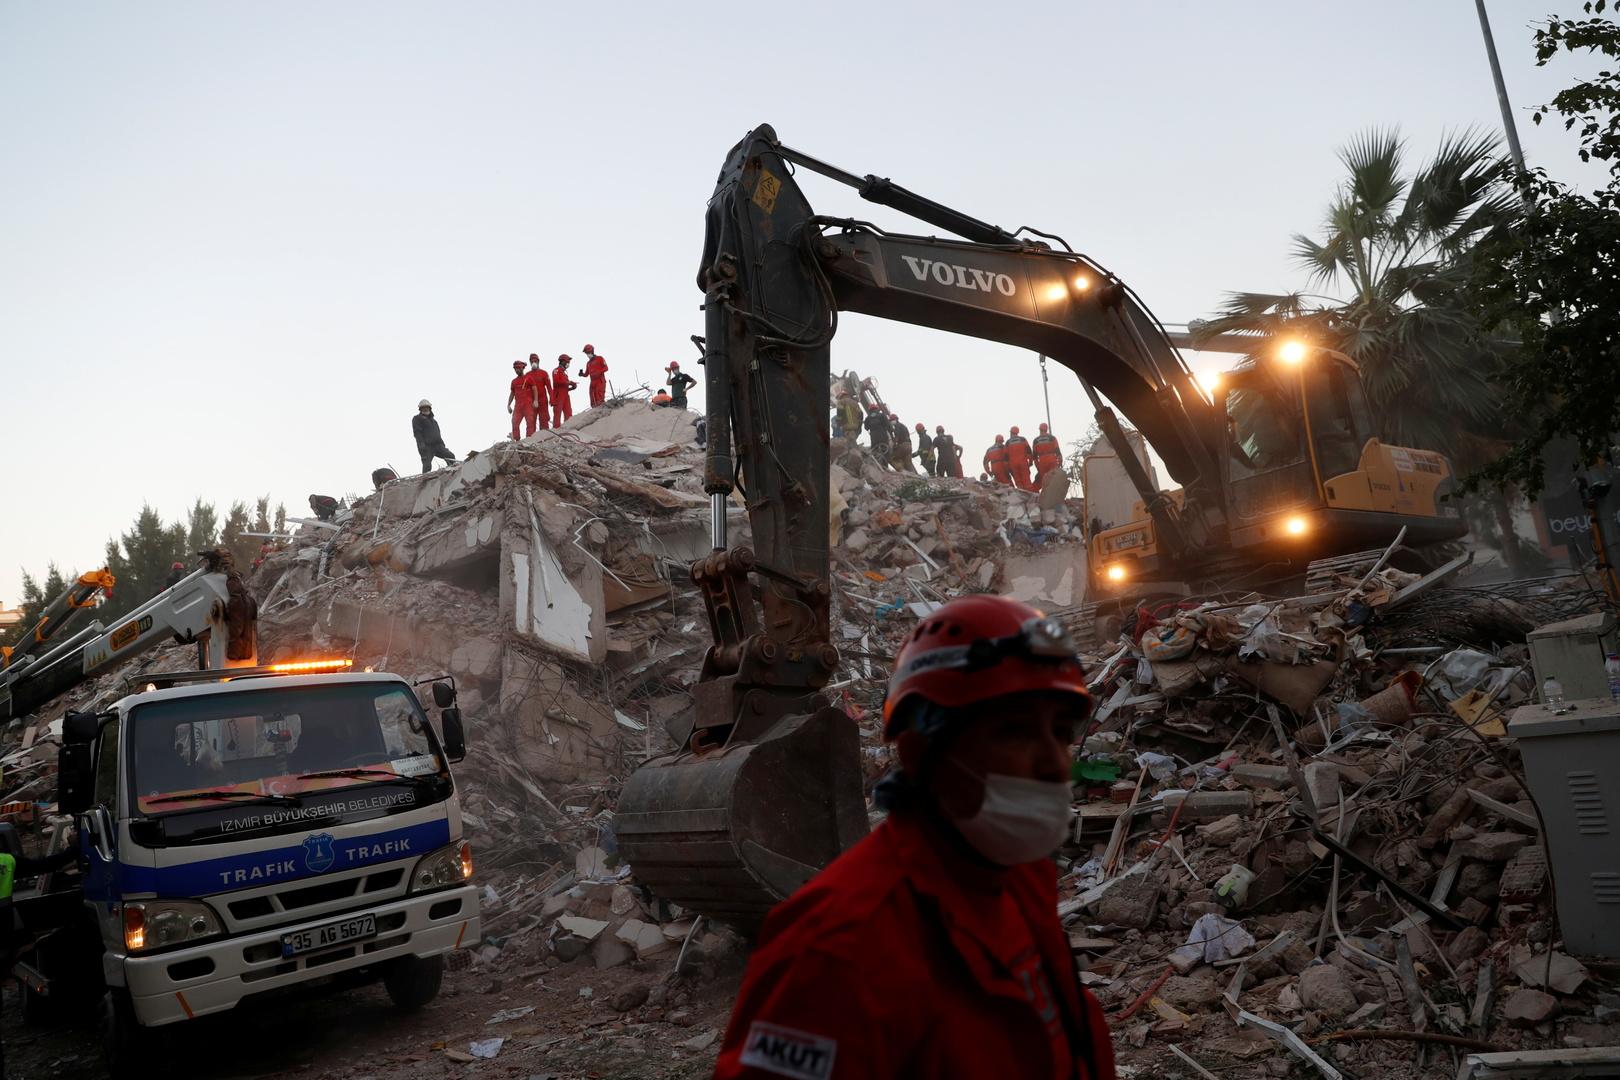 ارتفاع عدد قتلى زلزال إزمير في تركيا إلى 58 شخصا مع استمرار عمليات البحث والإنقاذ